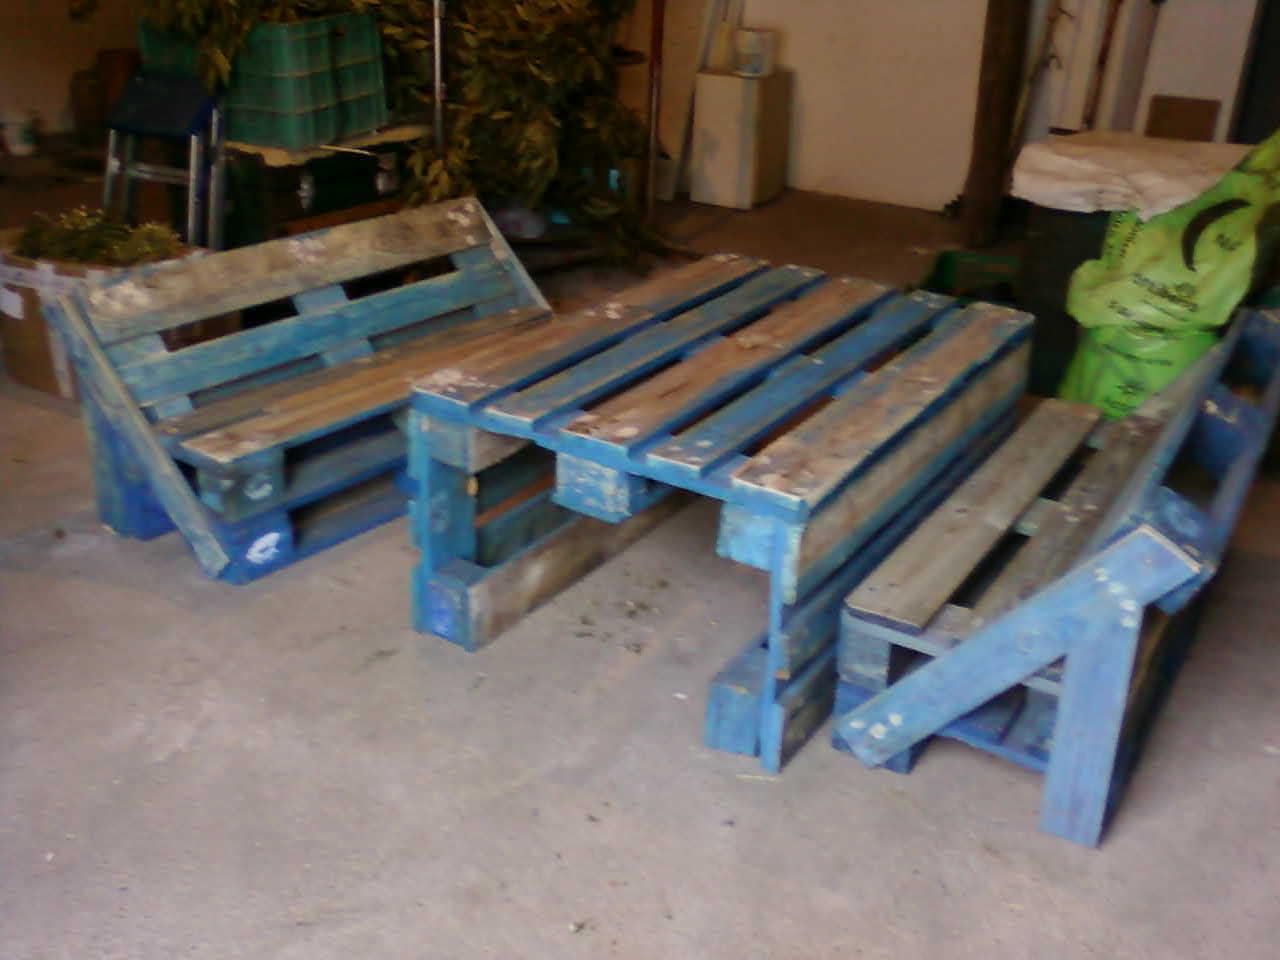 Artesania tina vicho muebles de palets para jardin - Muebles de palets ...